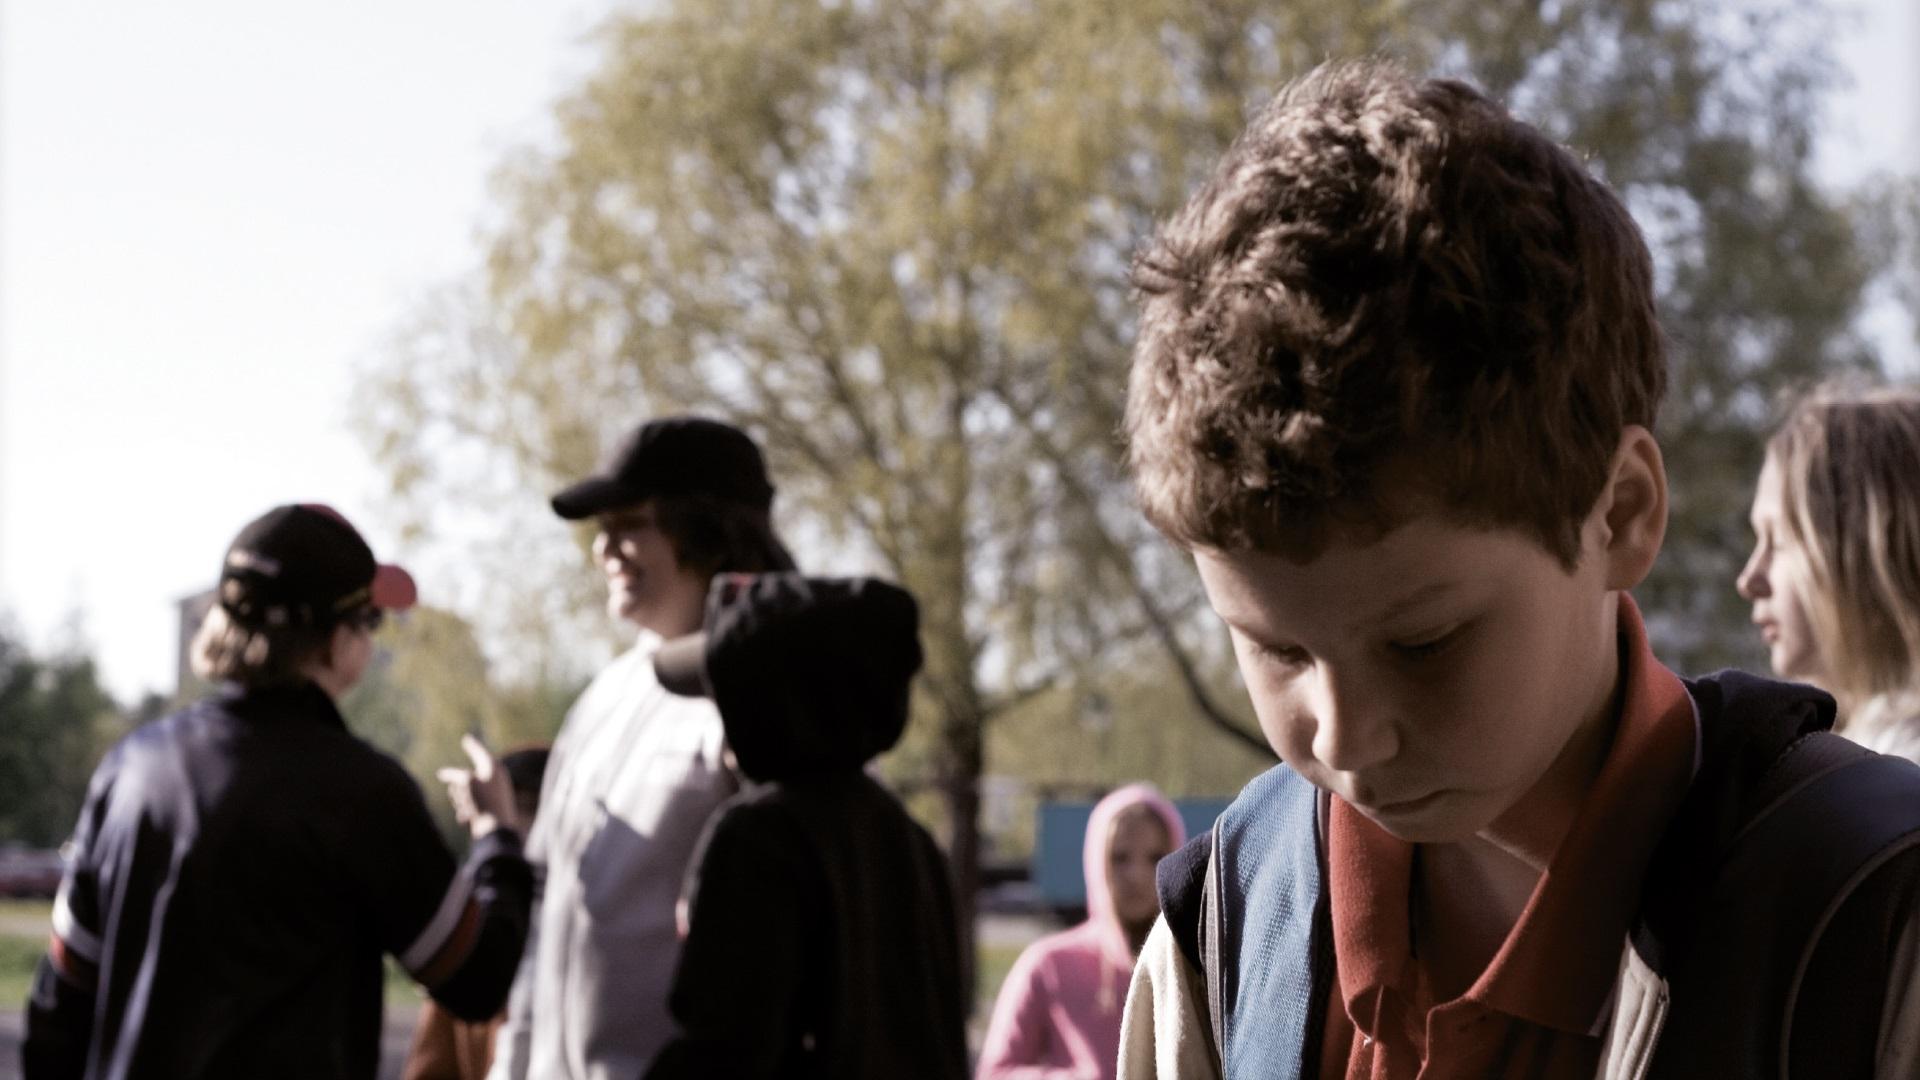 Kuvituskuva alakoulainen poika alakuloisena kun hänet on jätetty porukan ulkopuolelle